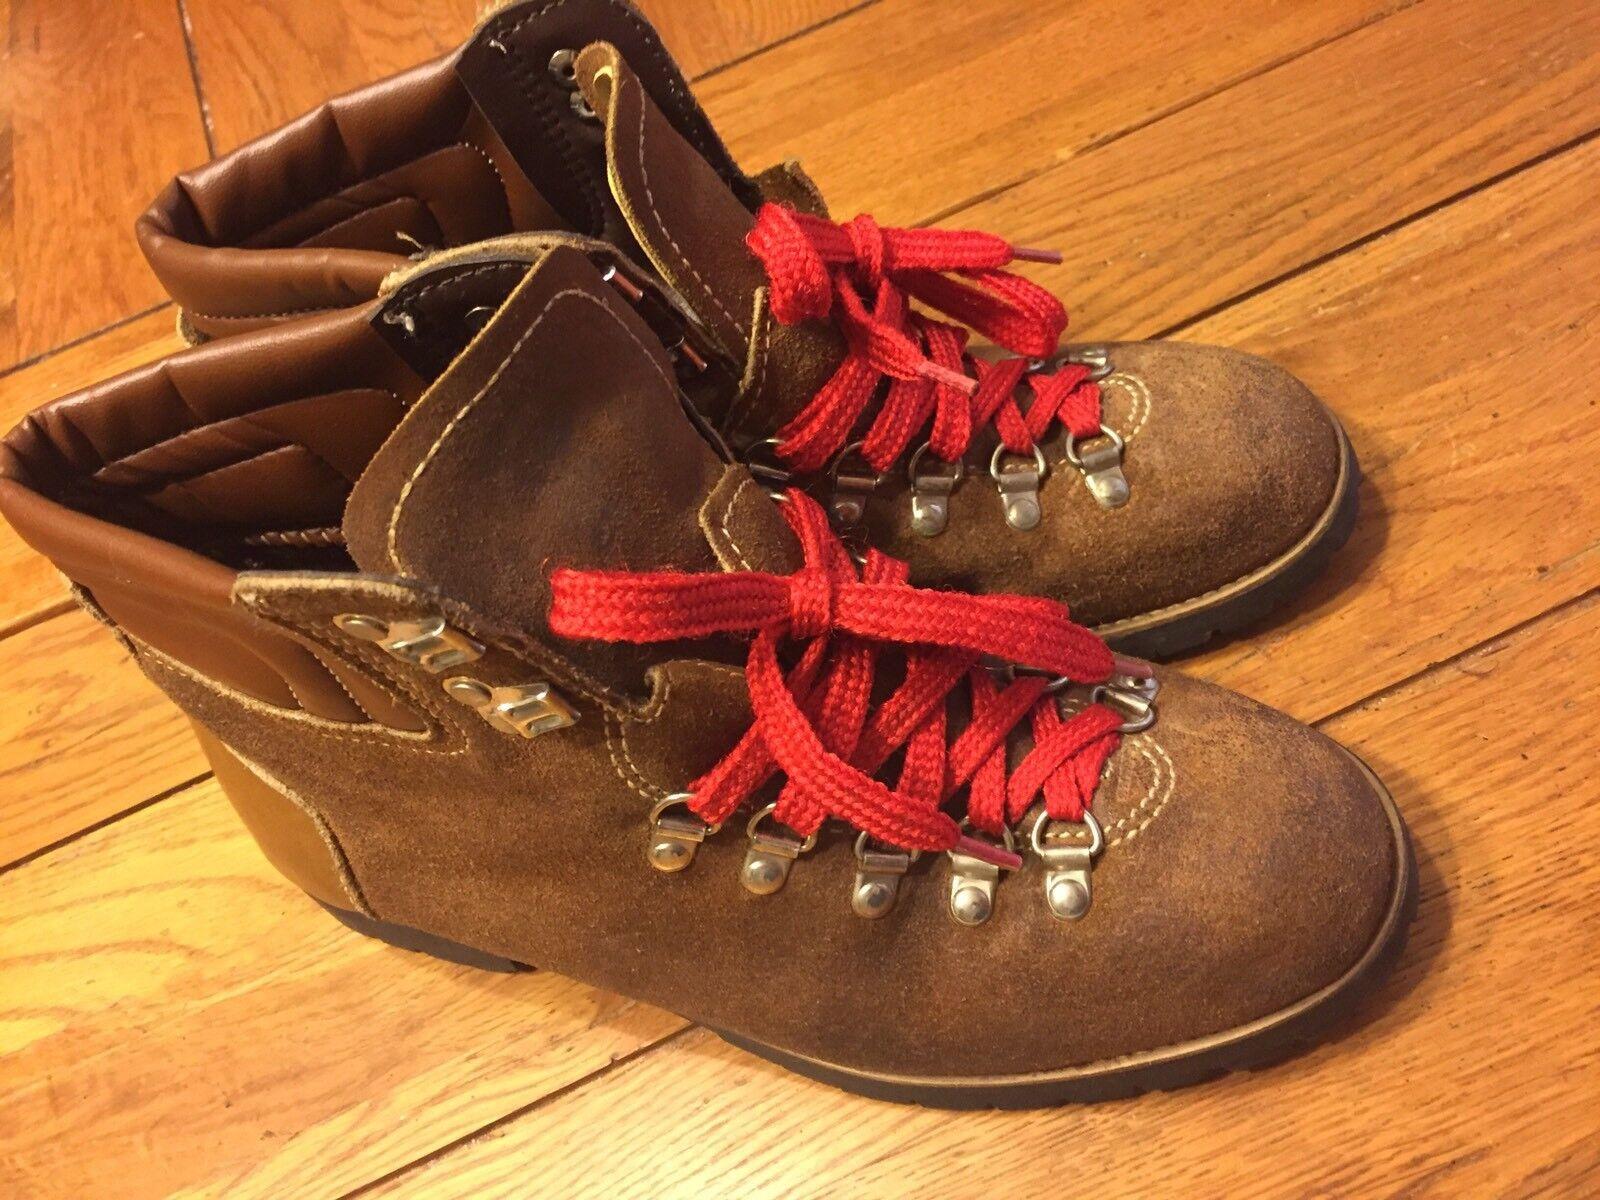 botas Para Excursionismo alpinista usado en excelente estado Sin Marca Para hombres Cuero Marrón M Vintage